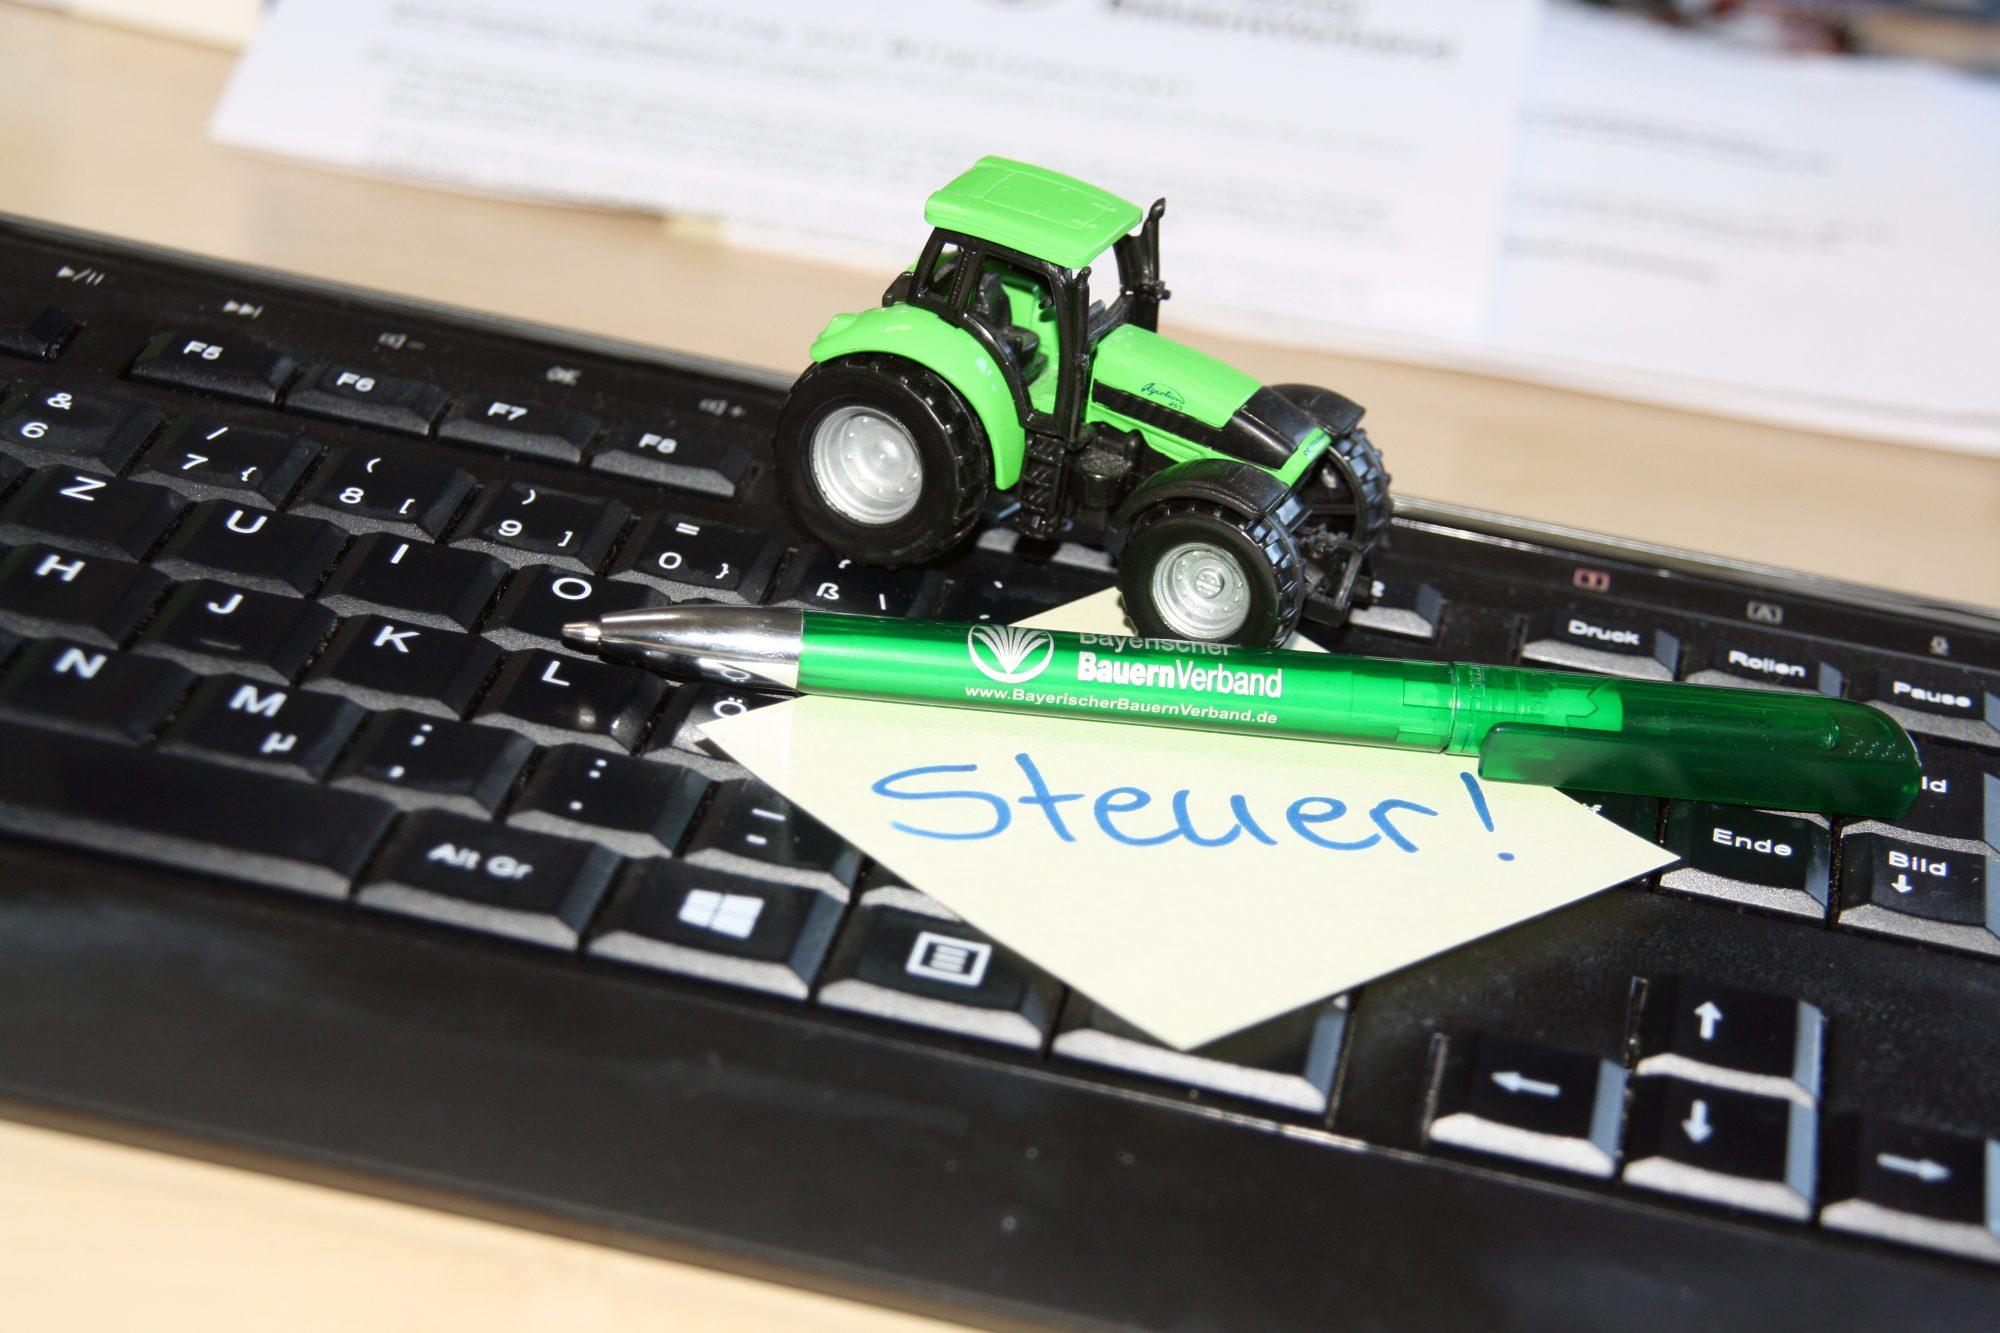 Ein kleiner grüner Traktor, ein grüner Kugelschreiber und ein Notizzettel mit der Aufschrift Steuer liegen auf einer Computertastatur.